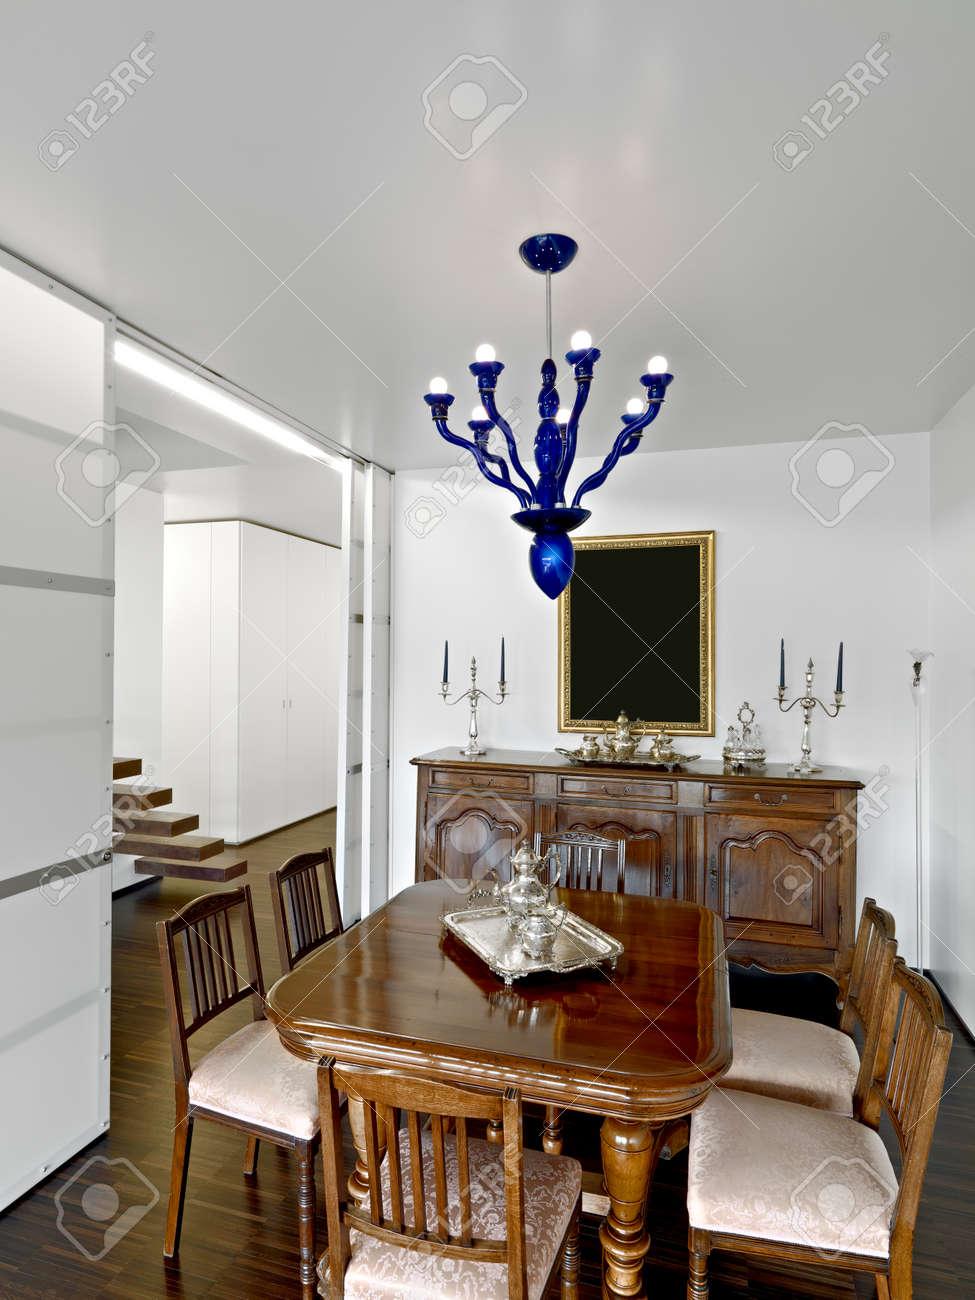 Dinin 古代のテーブルと椅子とガラスのシャンデリアと家具付きの部屋の